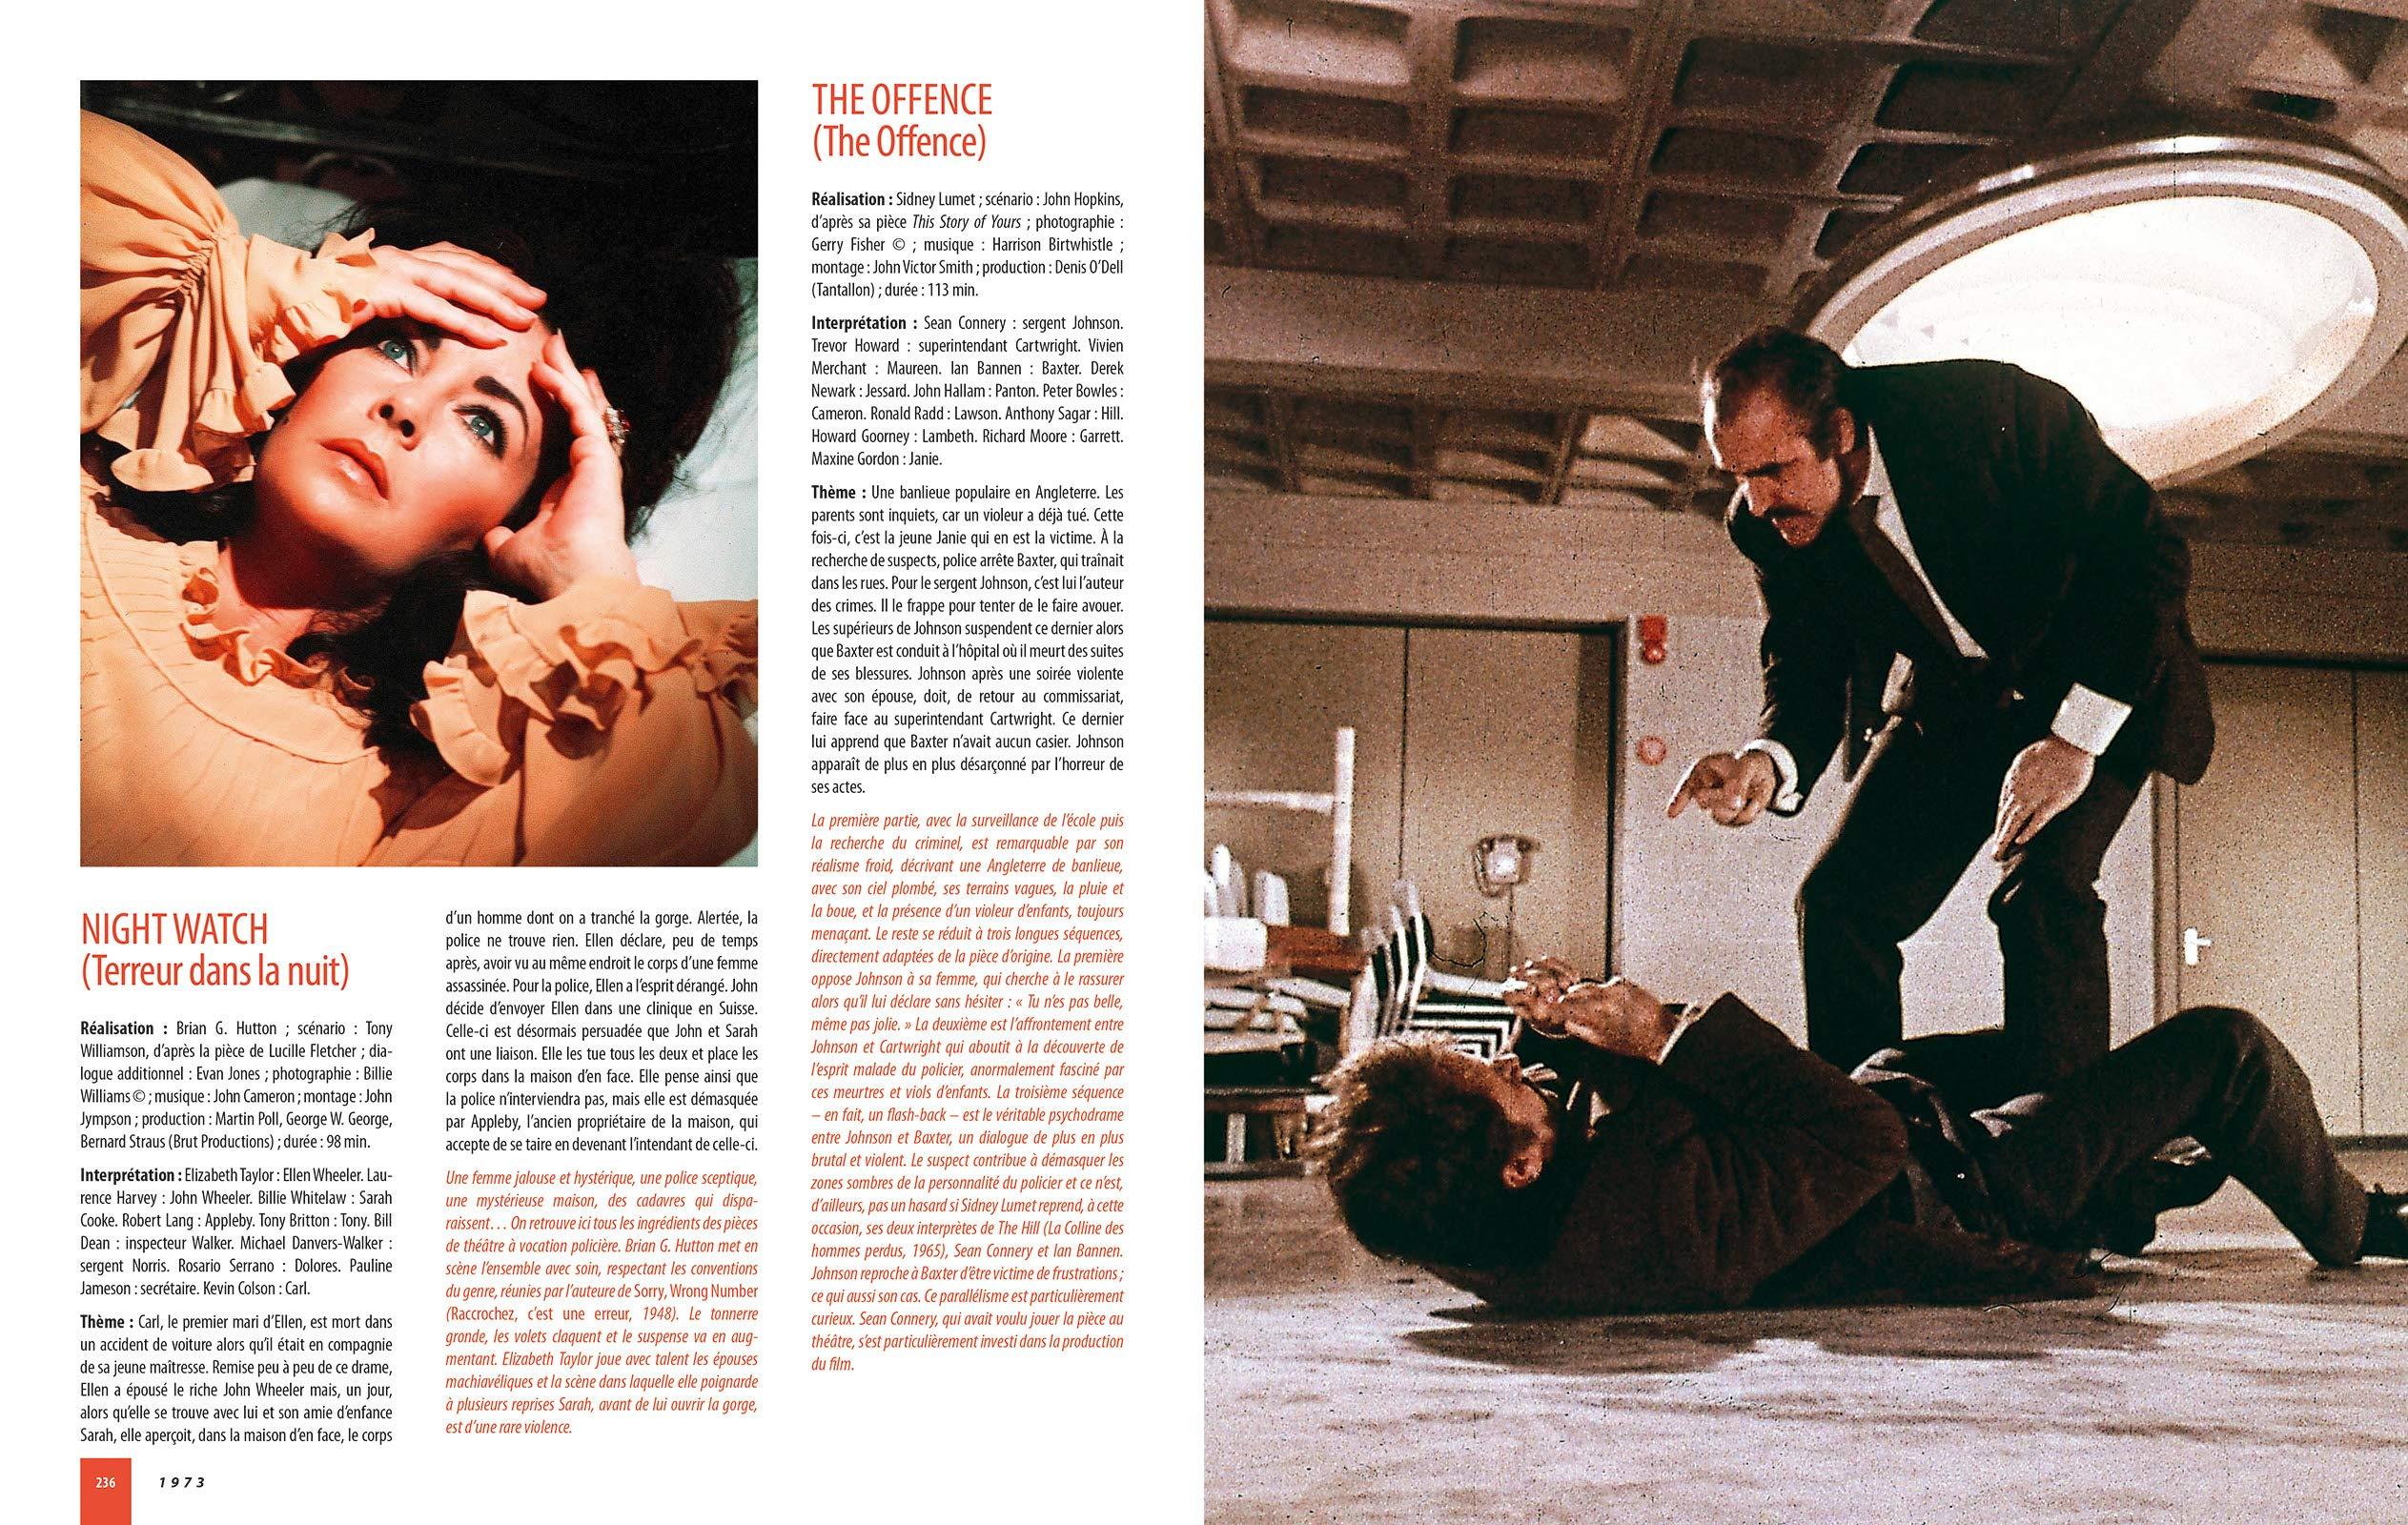 El CINE NEGRO: GANSTERS Y MUJERES FATALES - Página 3 91CIU0xeg8L